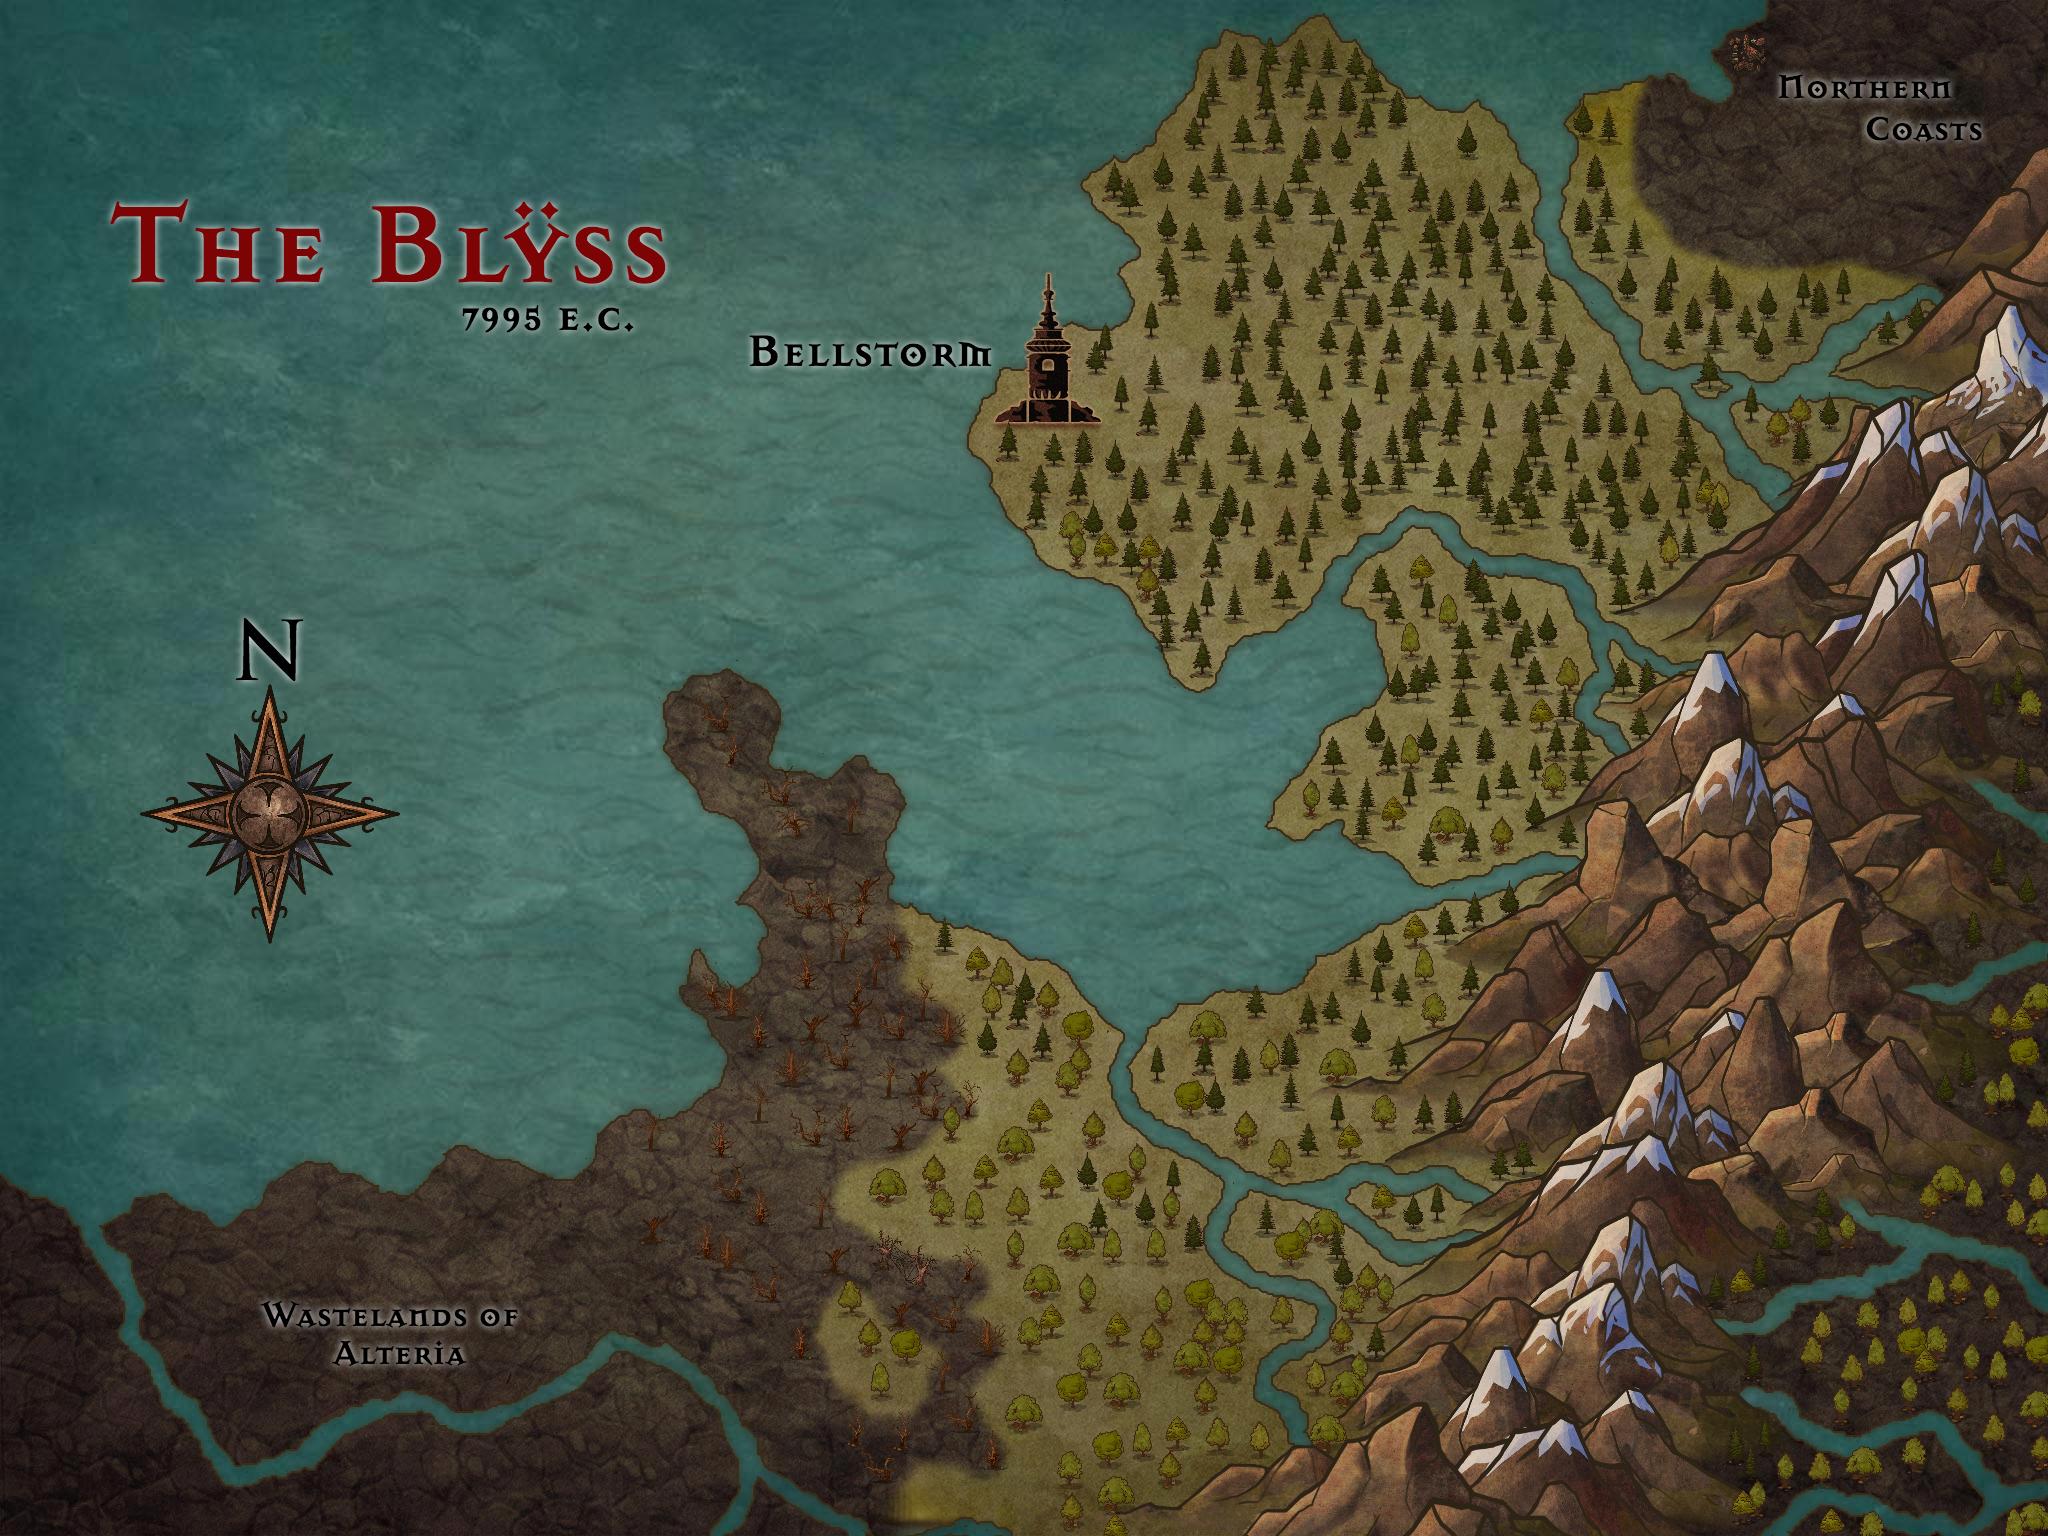 Map_of_Blyss.jpg